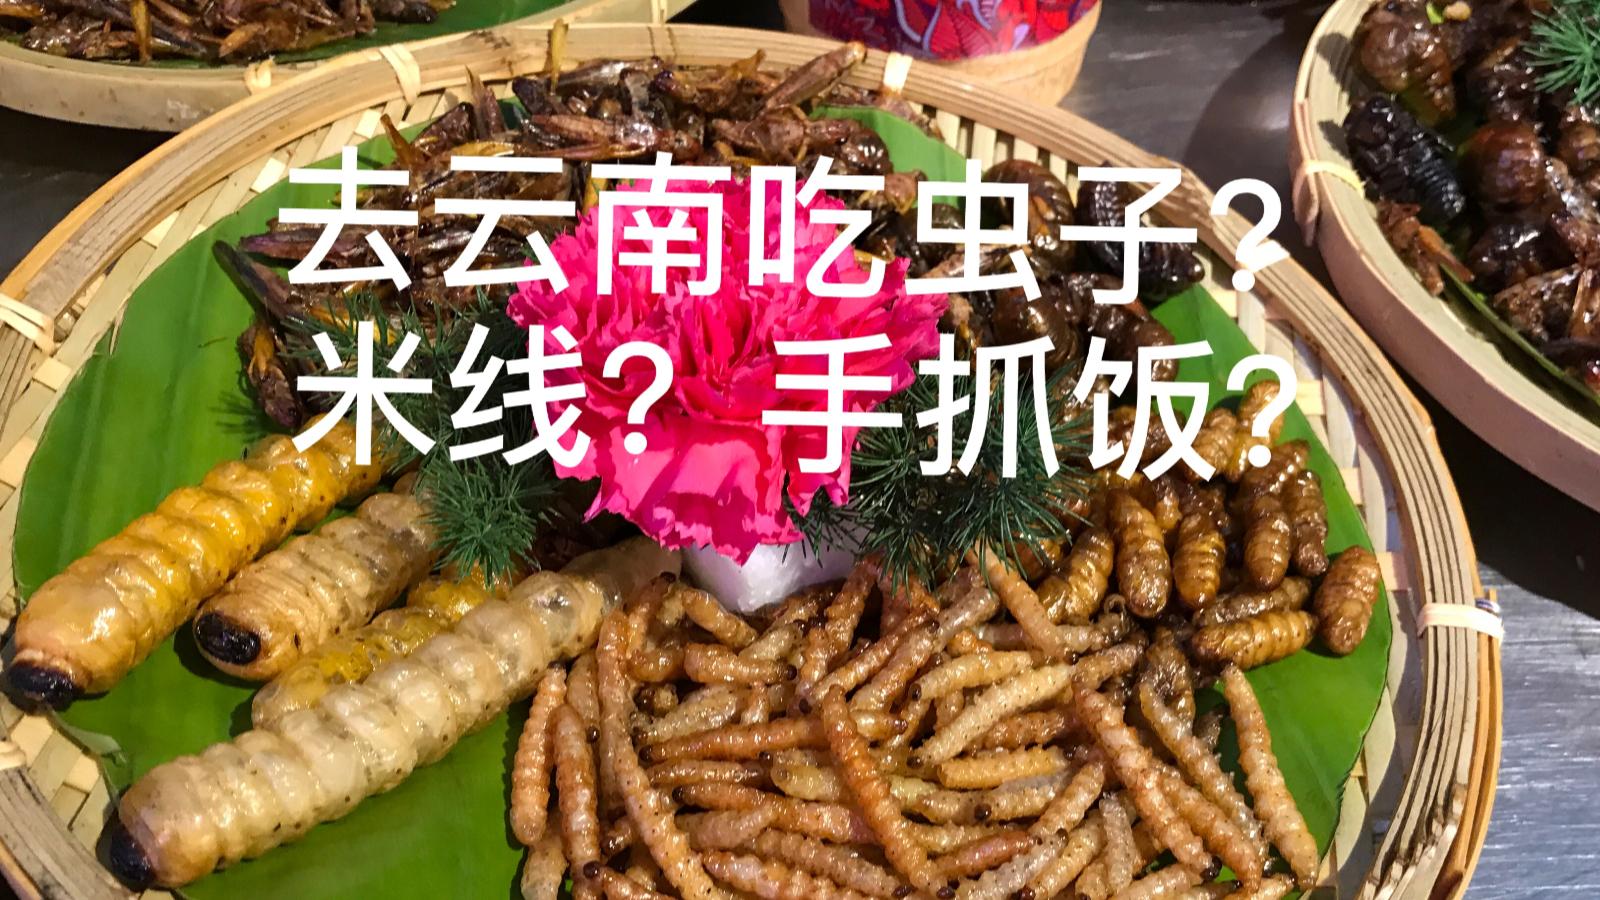 【阿咩】vlog08 出差去云南的日子 吃虫子?米线?手抓饭